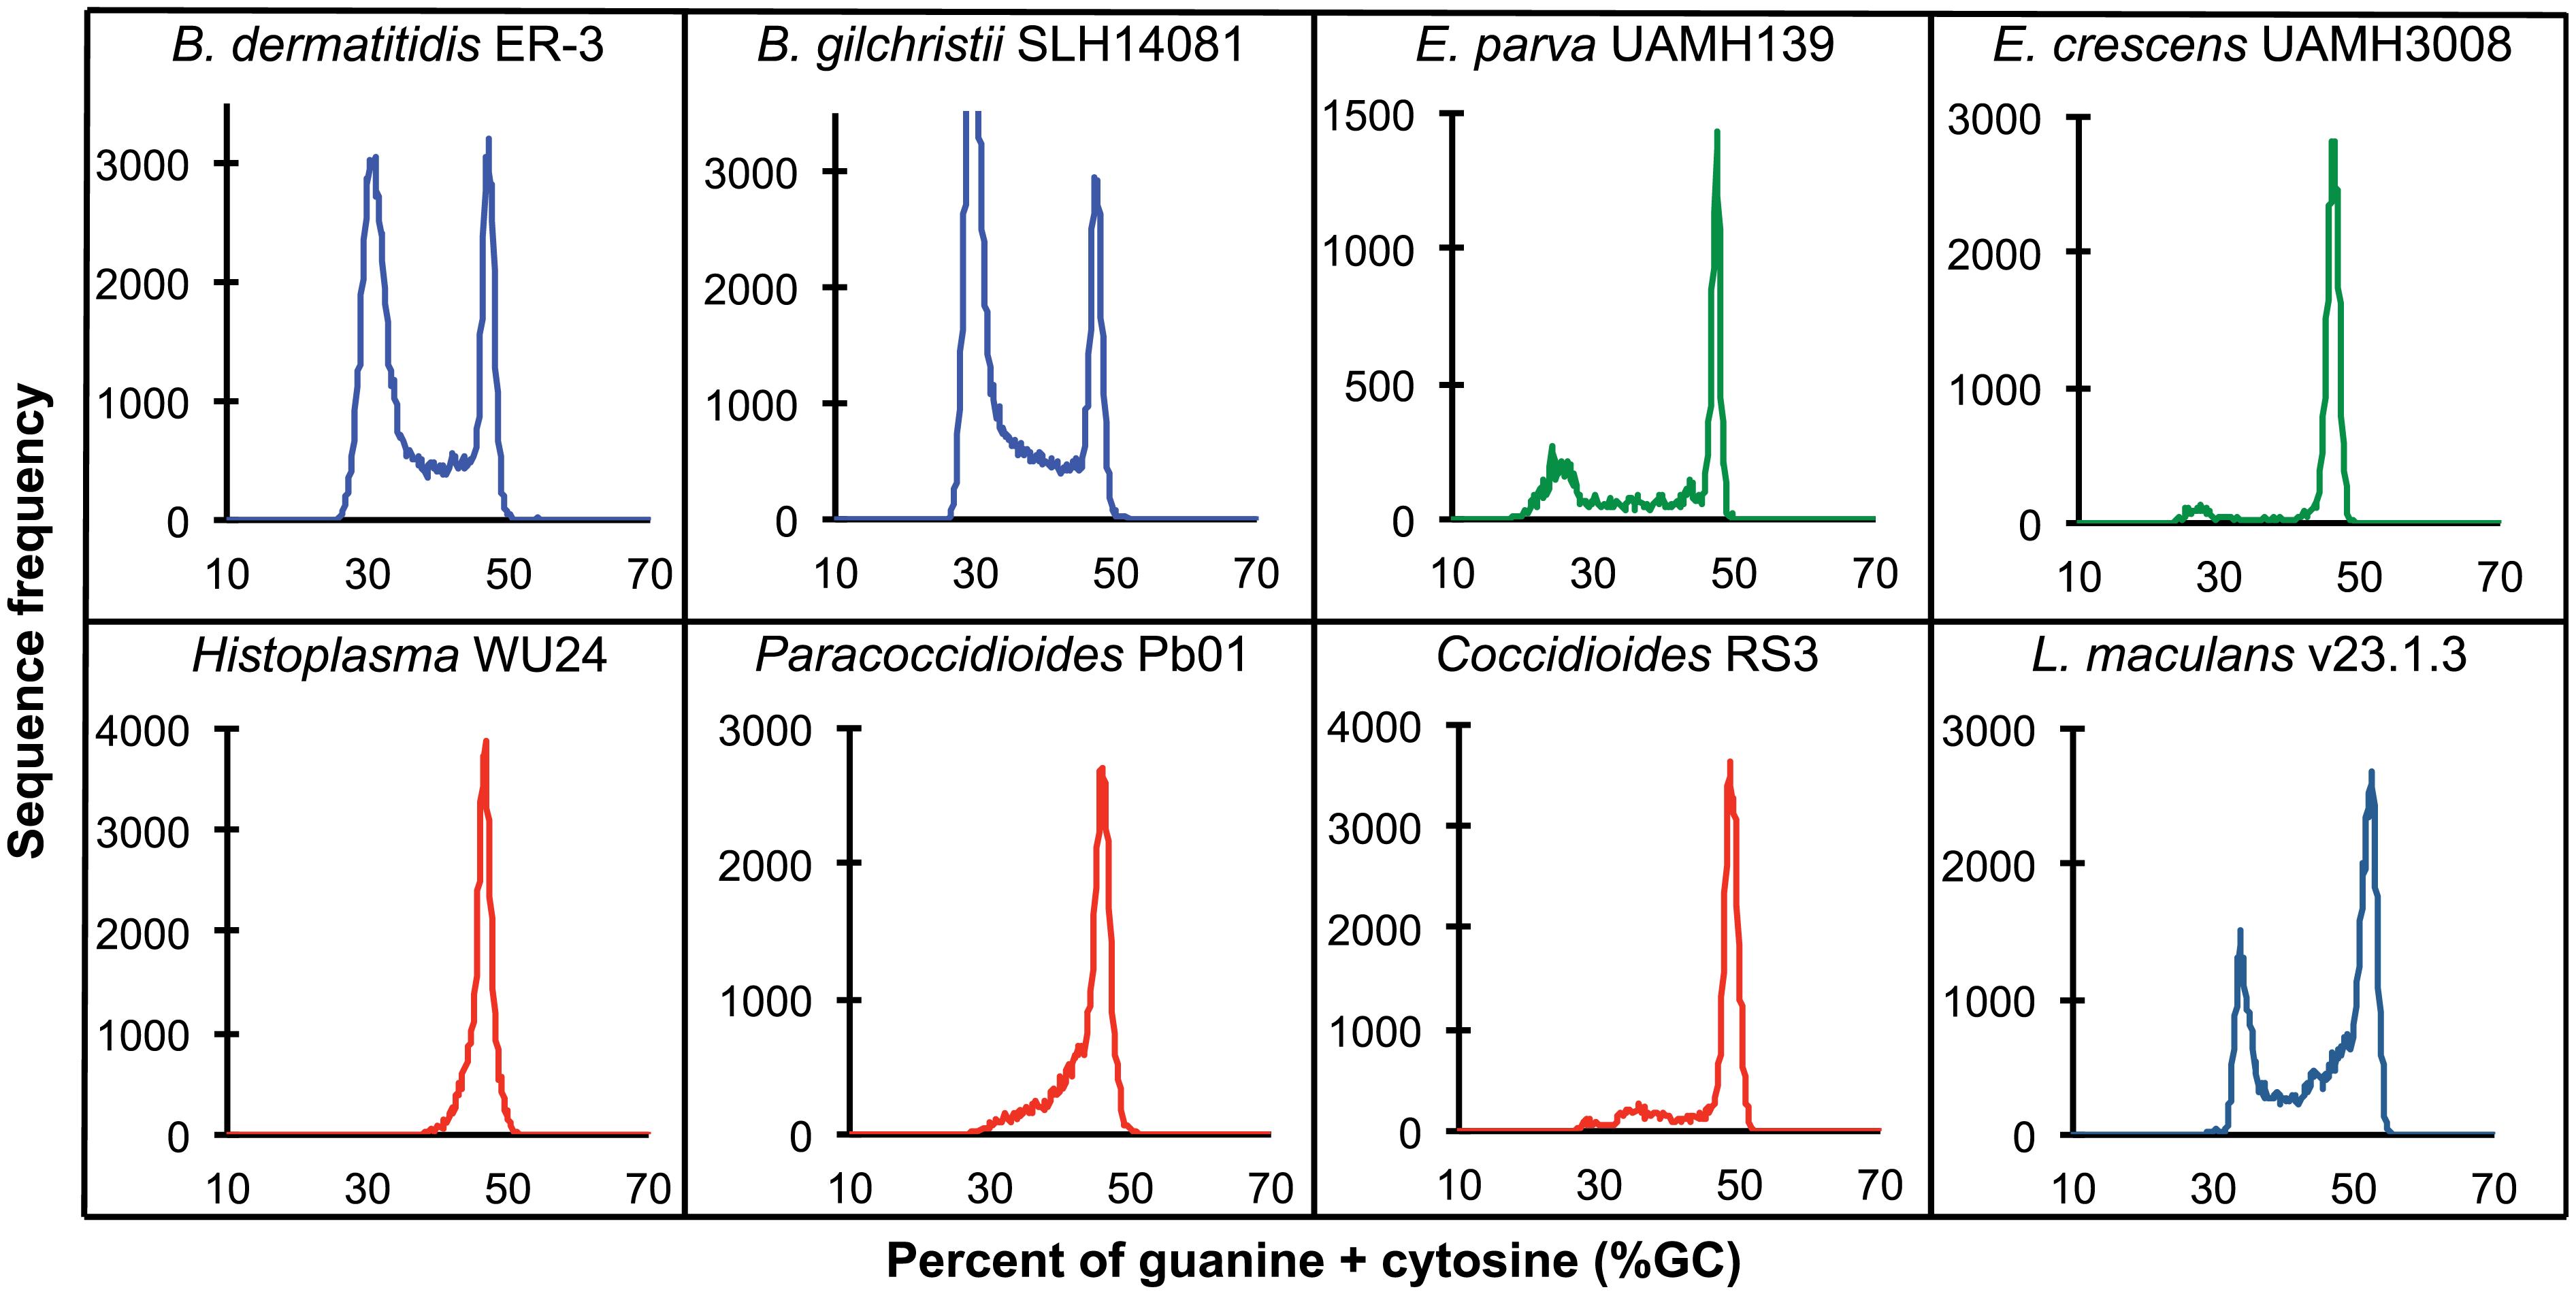 GC frequency distributions (histograms) of overlapping fragments (windows, of 32 kb) of the genome assemblies of <i>Blastomyces dermatitidis</i> ER-3, <i>B</i>. <i>gilchristii</i> SLH14081, <i>Emmonsia parva</i> (UAMH139), <i>E</i>. <i>crescens</i> (UAMH3008), <i>Histoplasma capsulatum</i> (WU24), <i>Paracoccidioides lutzii</i> (Pb01), <i>Coccidioides immitis</i> (RS3), and <i>Leptosphaeria maculans</i> (v23.1.3).